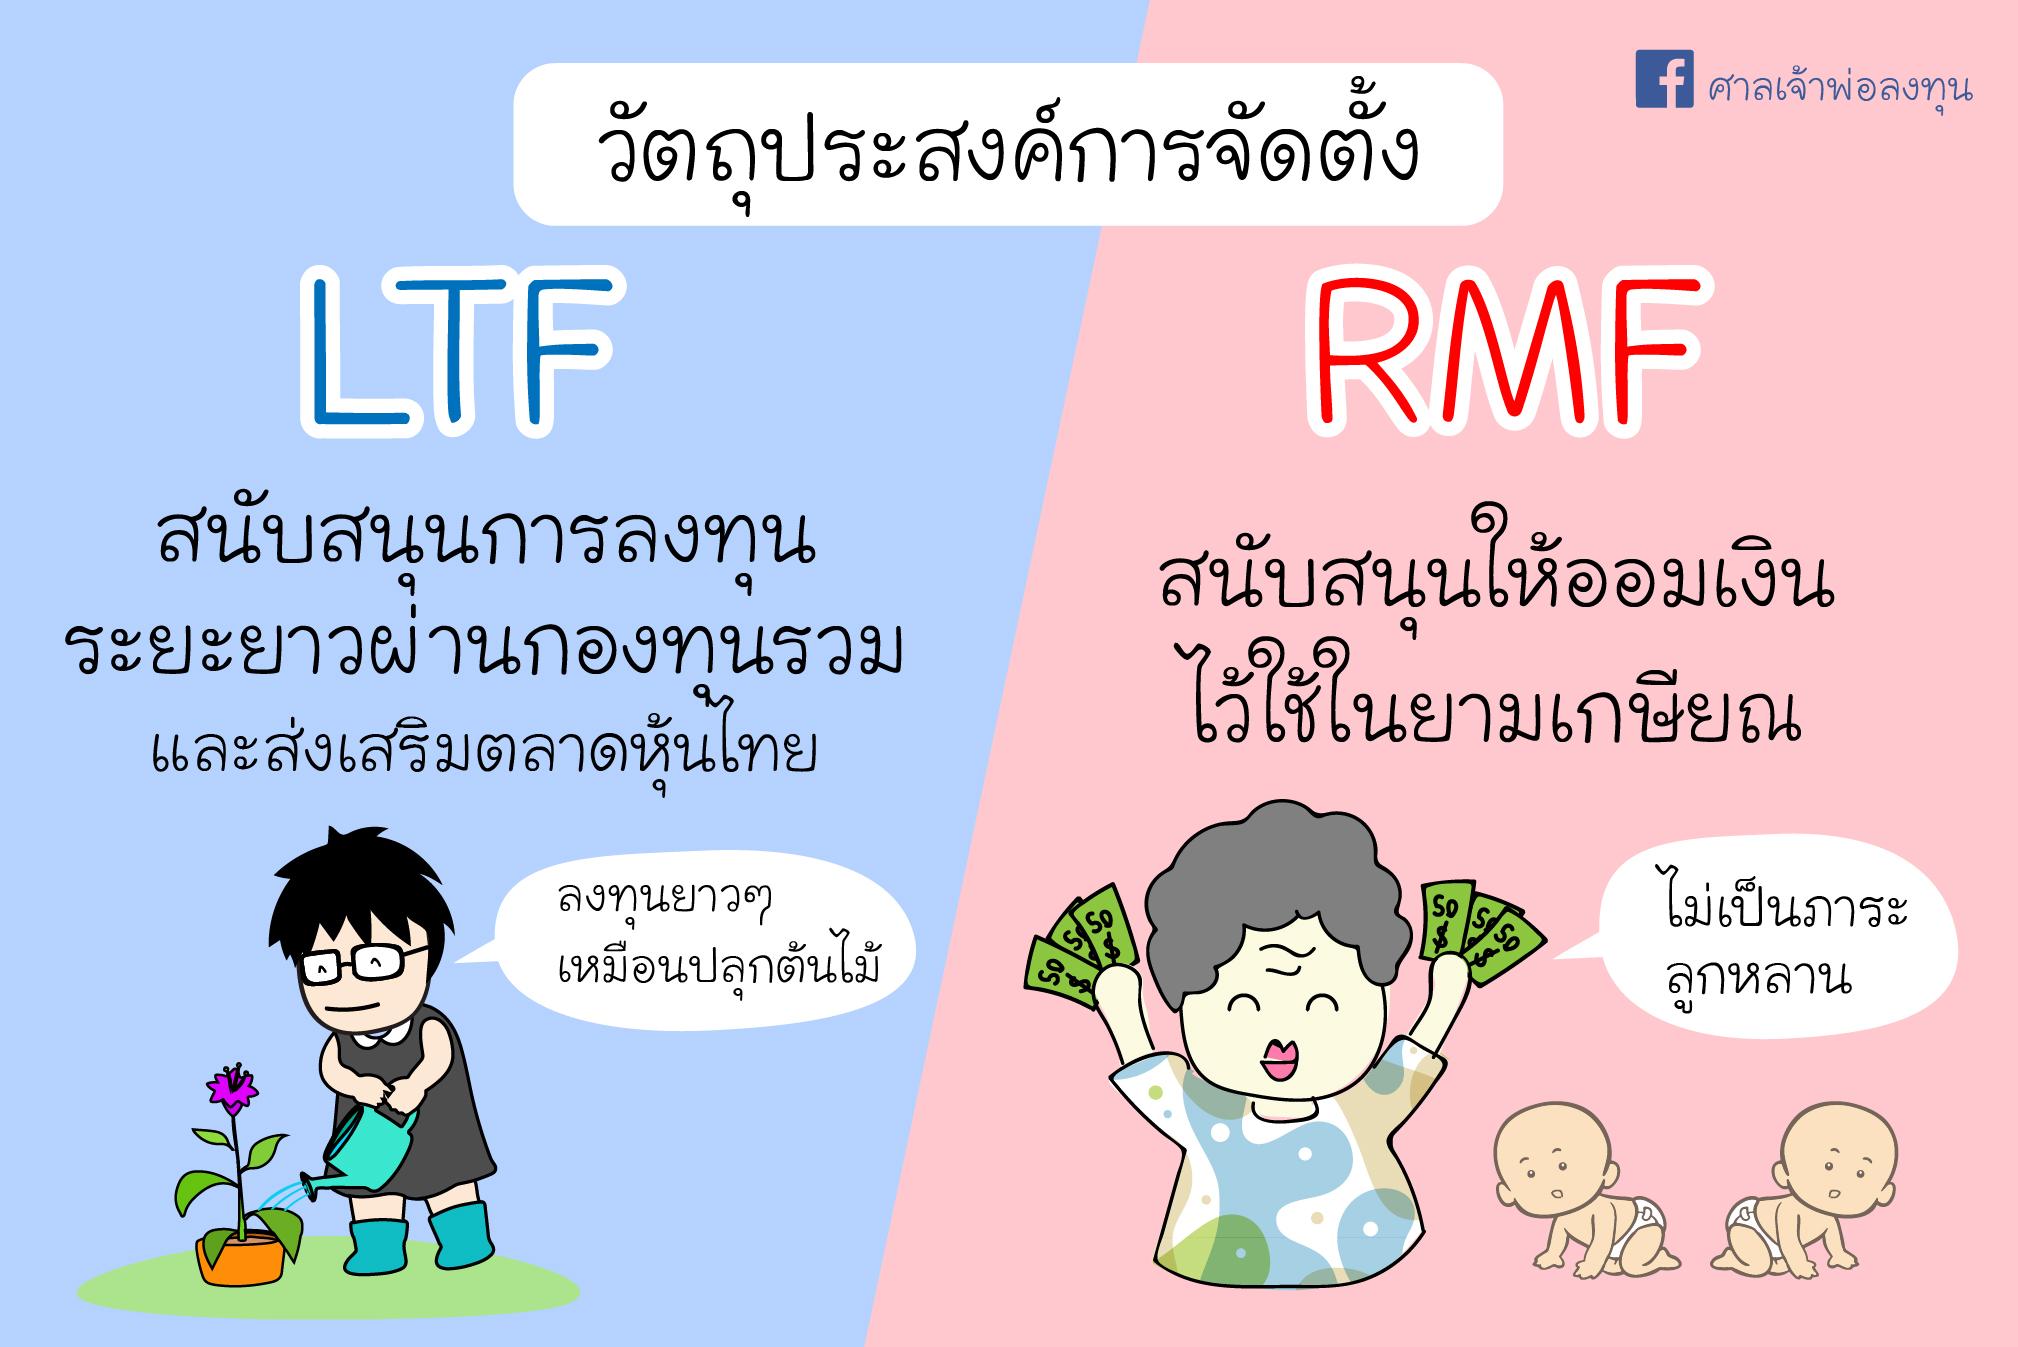 ศาลเจ้าพ่อลงทุน - LTF vs RMF-02